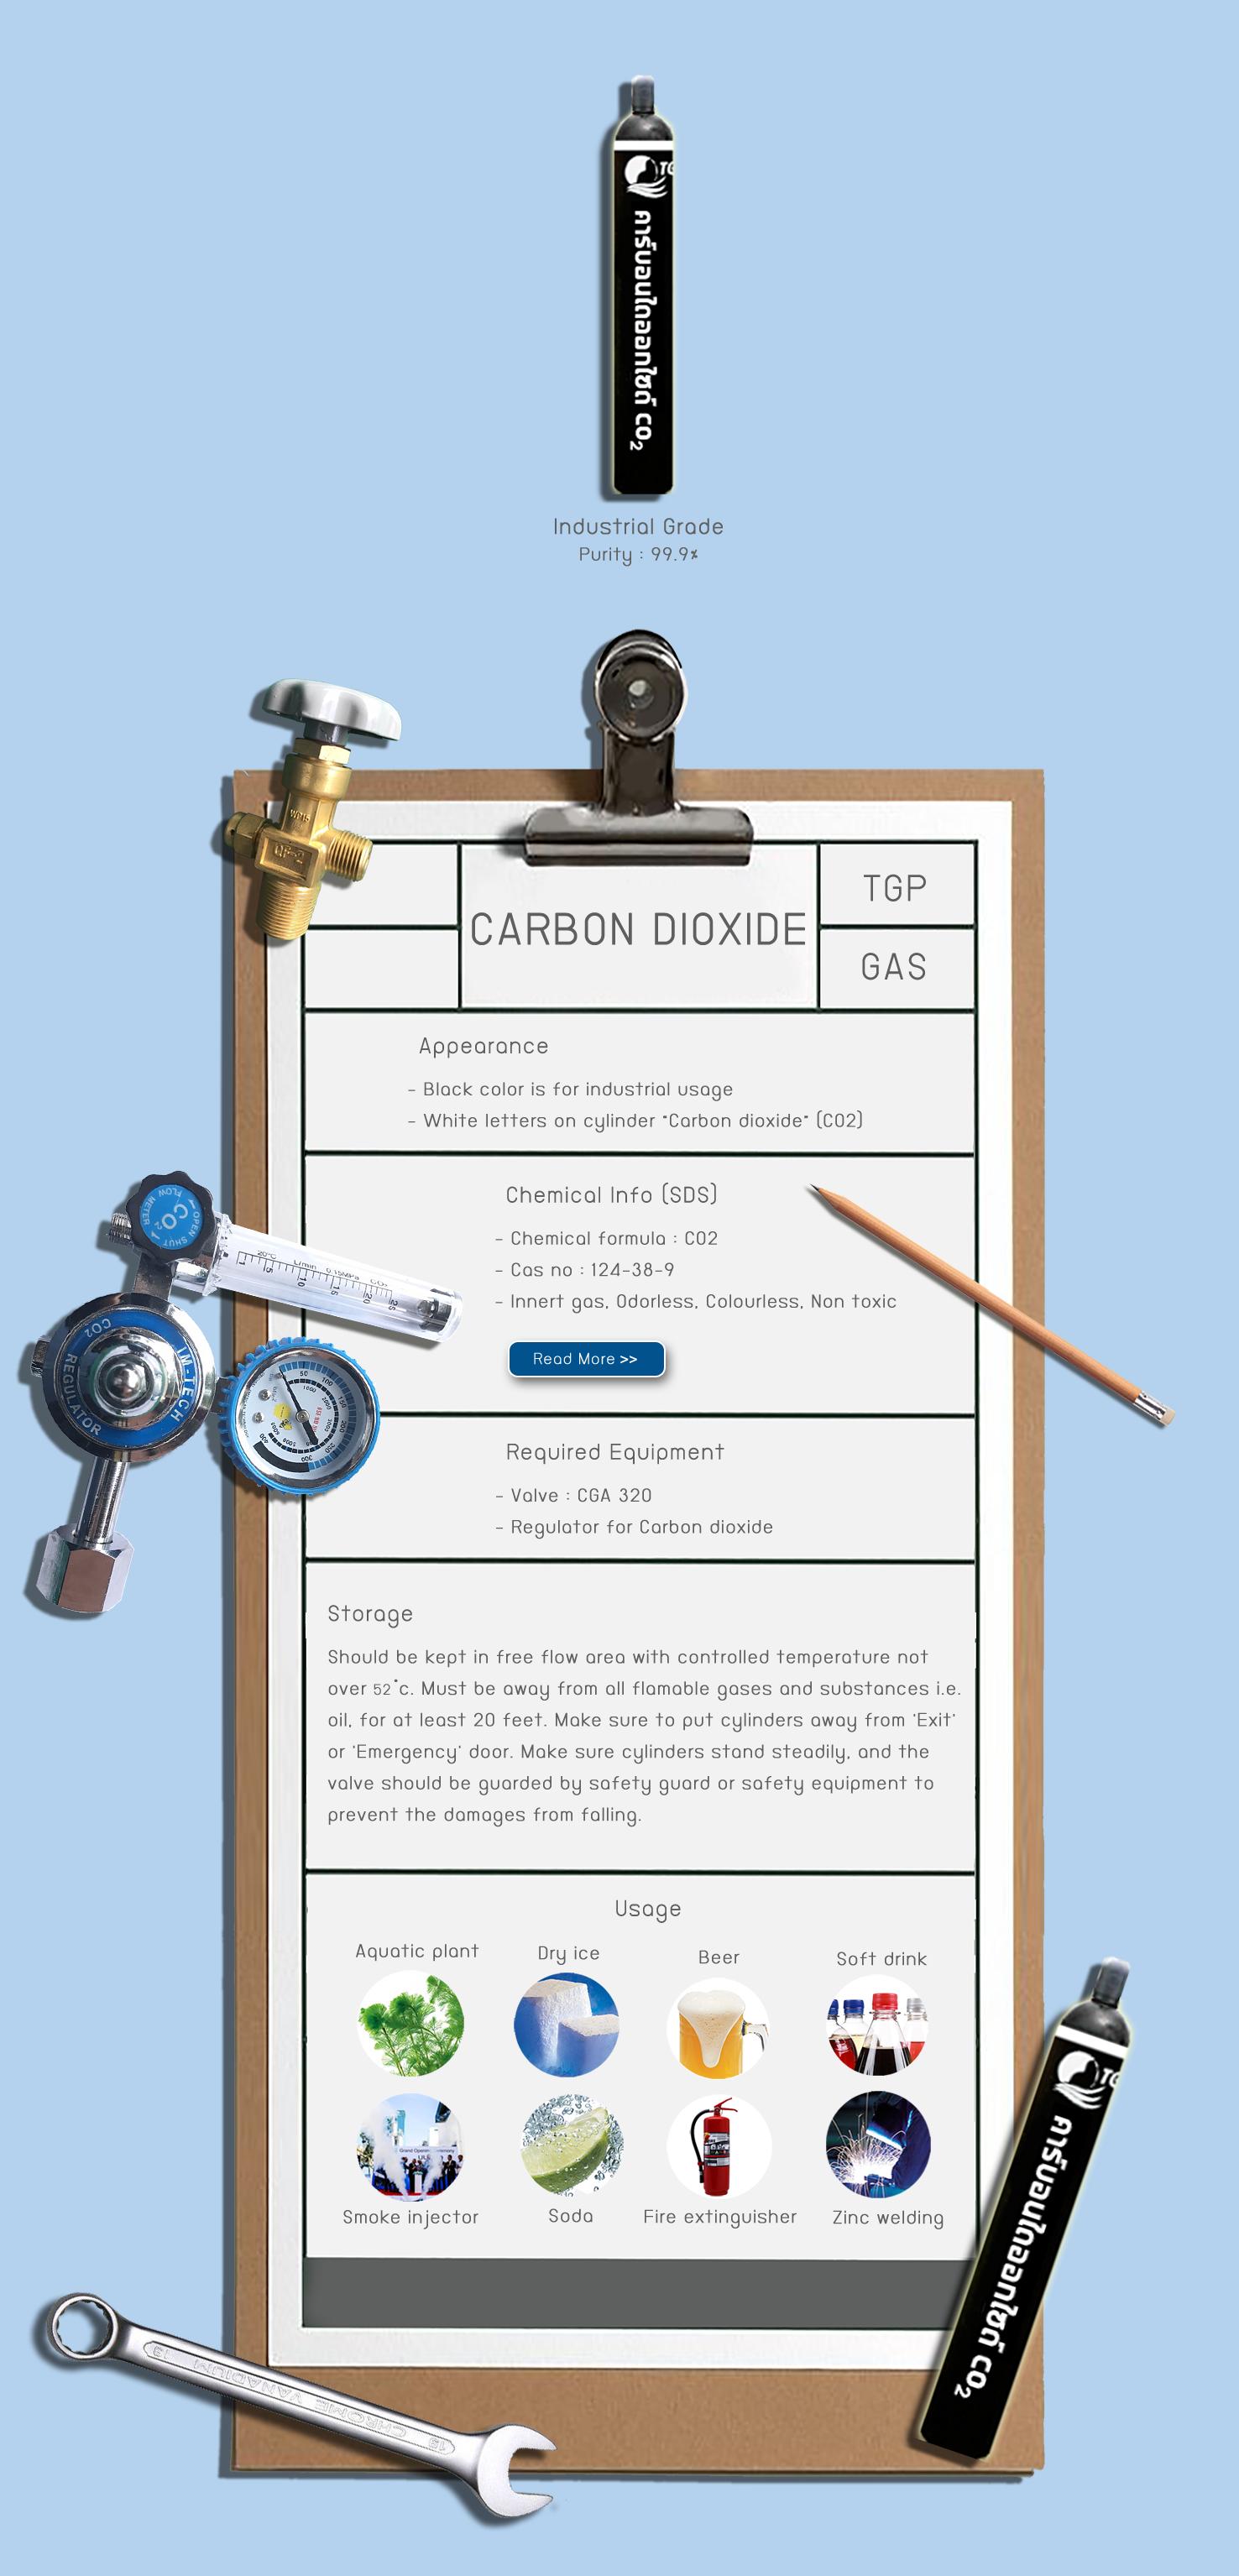 ลักษณะท่อและคุณสมบัติของก๊าซออกซิเจนในตลาด